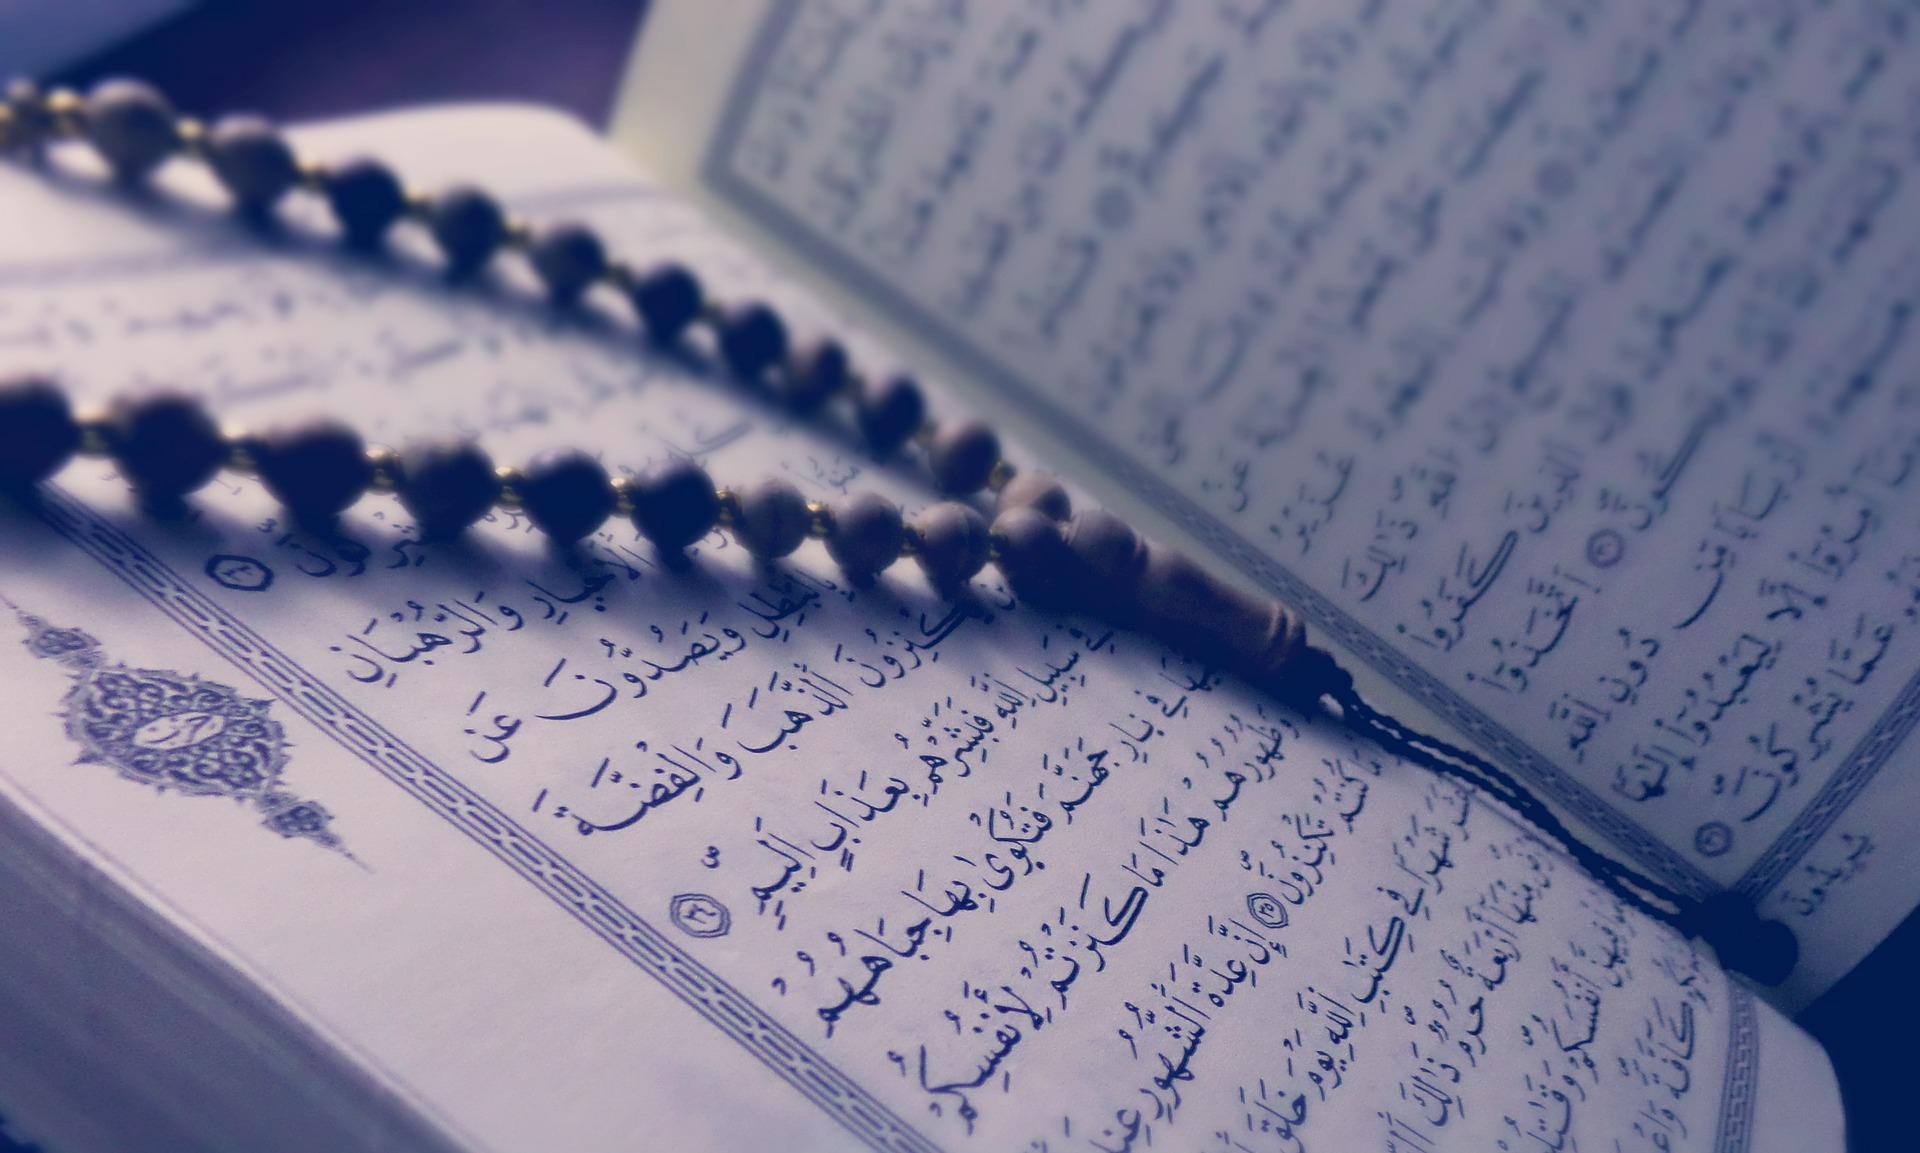 7 Surat Alquran yang dianjurkan dibaca selama bulan Ramadhan